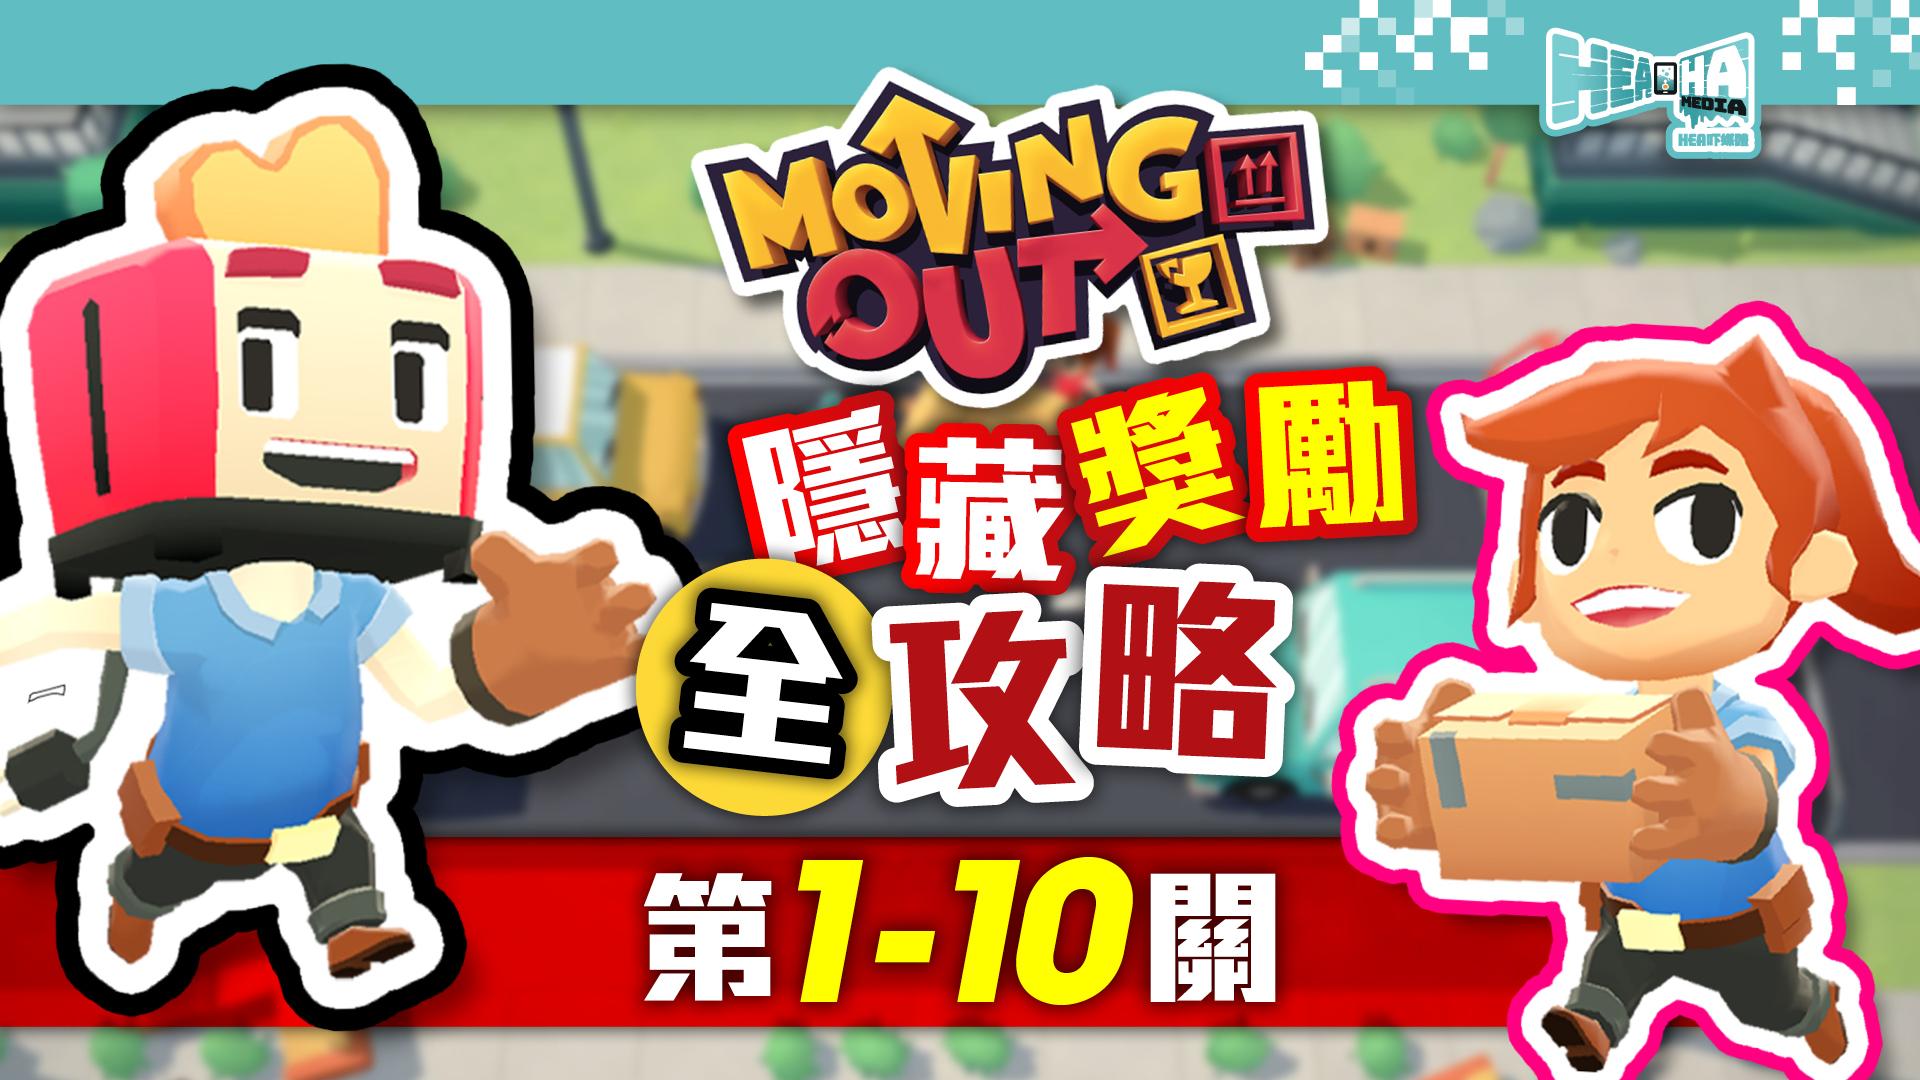 【獎勵目標.全攻略】《Moving Out 胡鬧搬家》棘手關卡必看天書 #1-10關